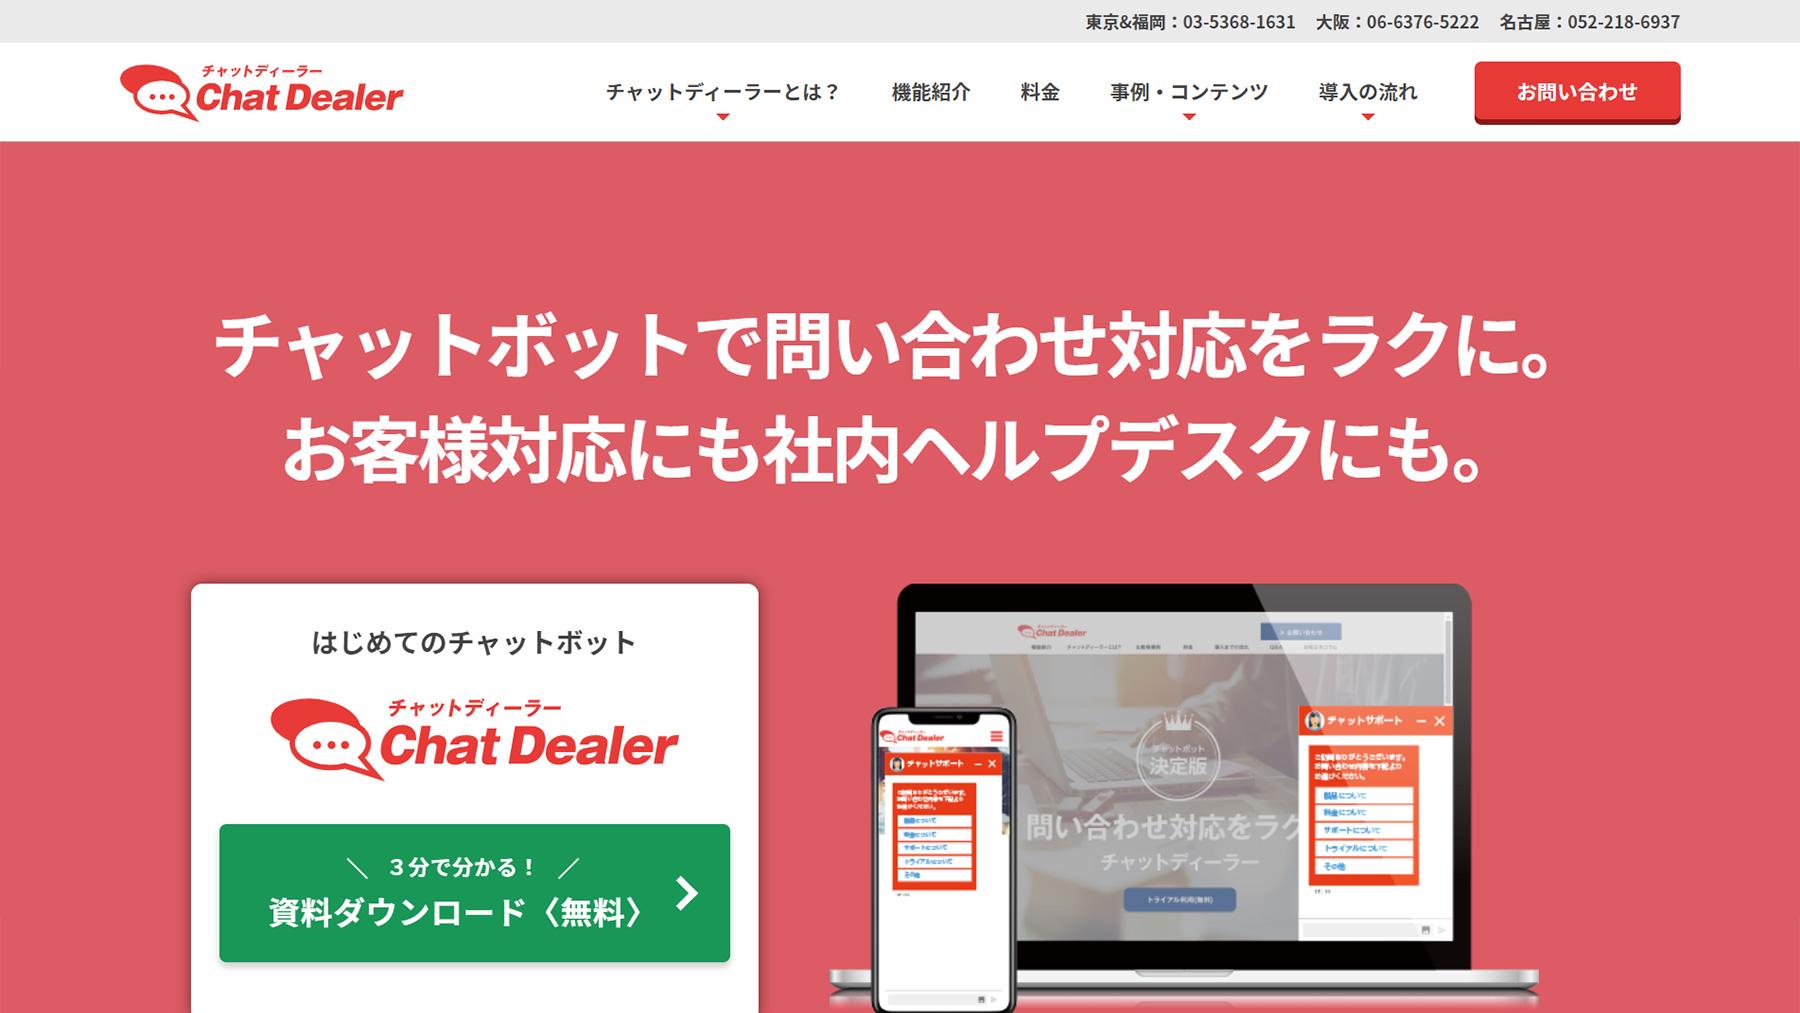 チャットディーラー公式Webサイト